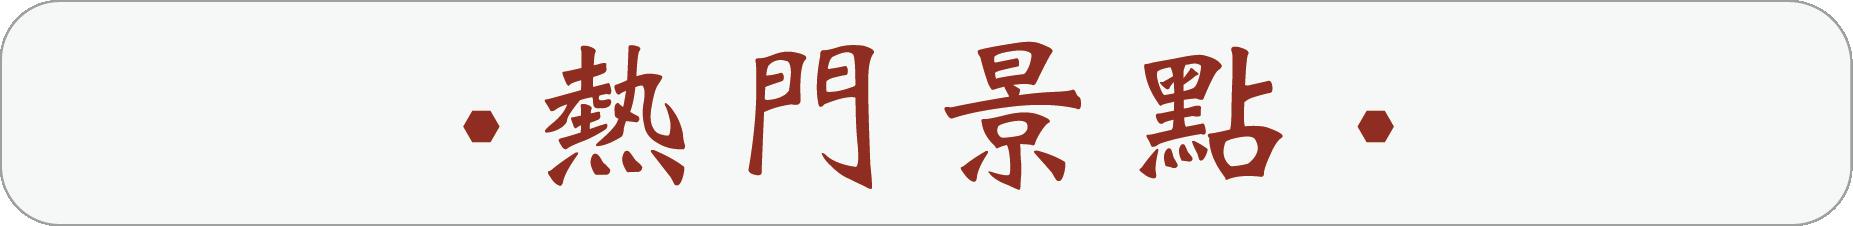 熱門景點icon.png